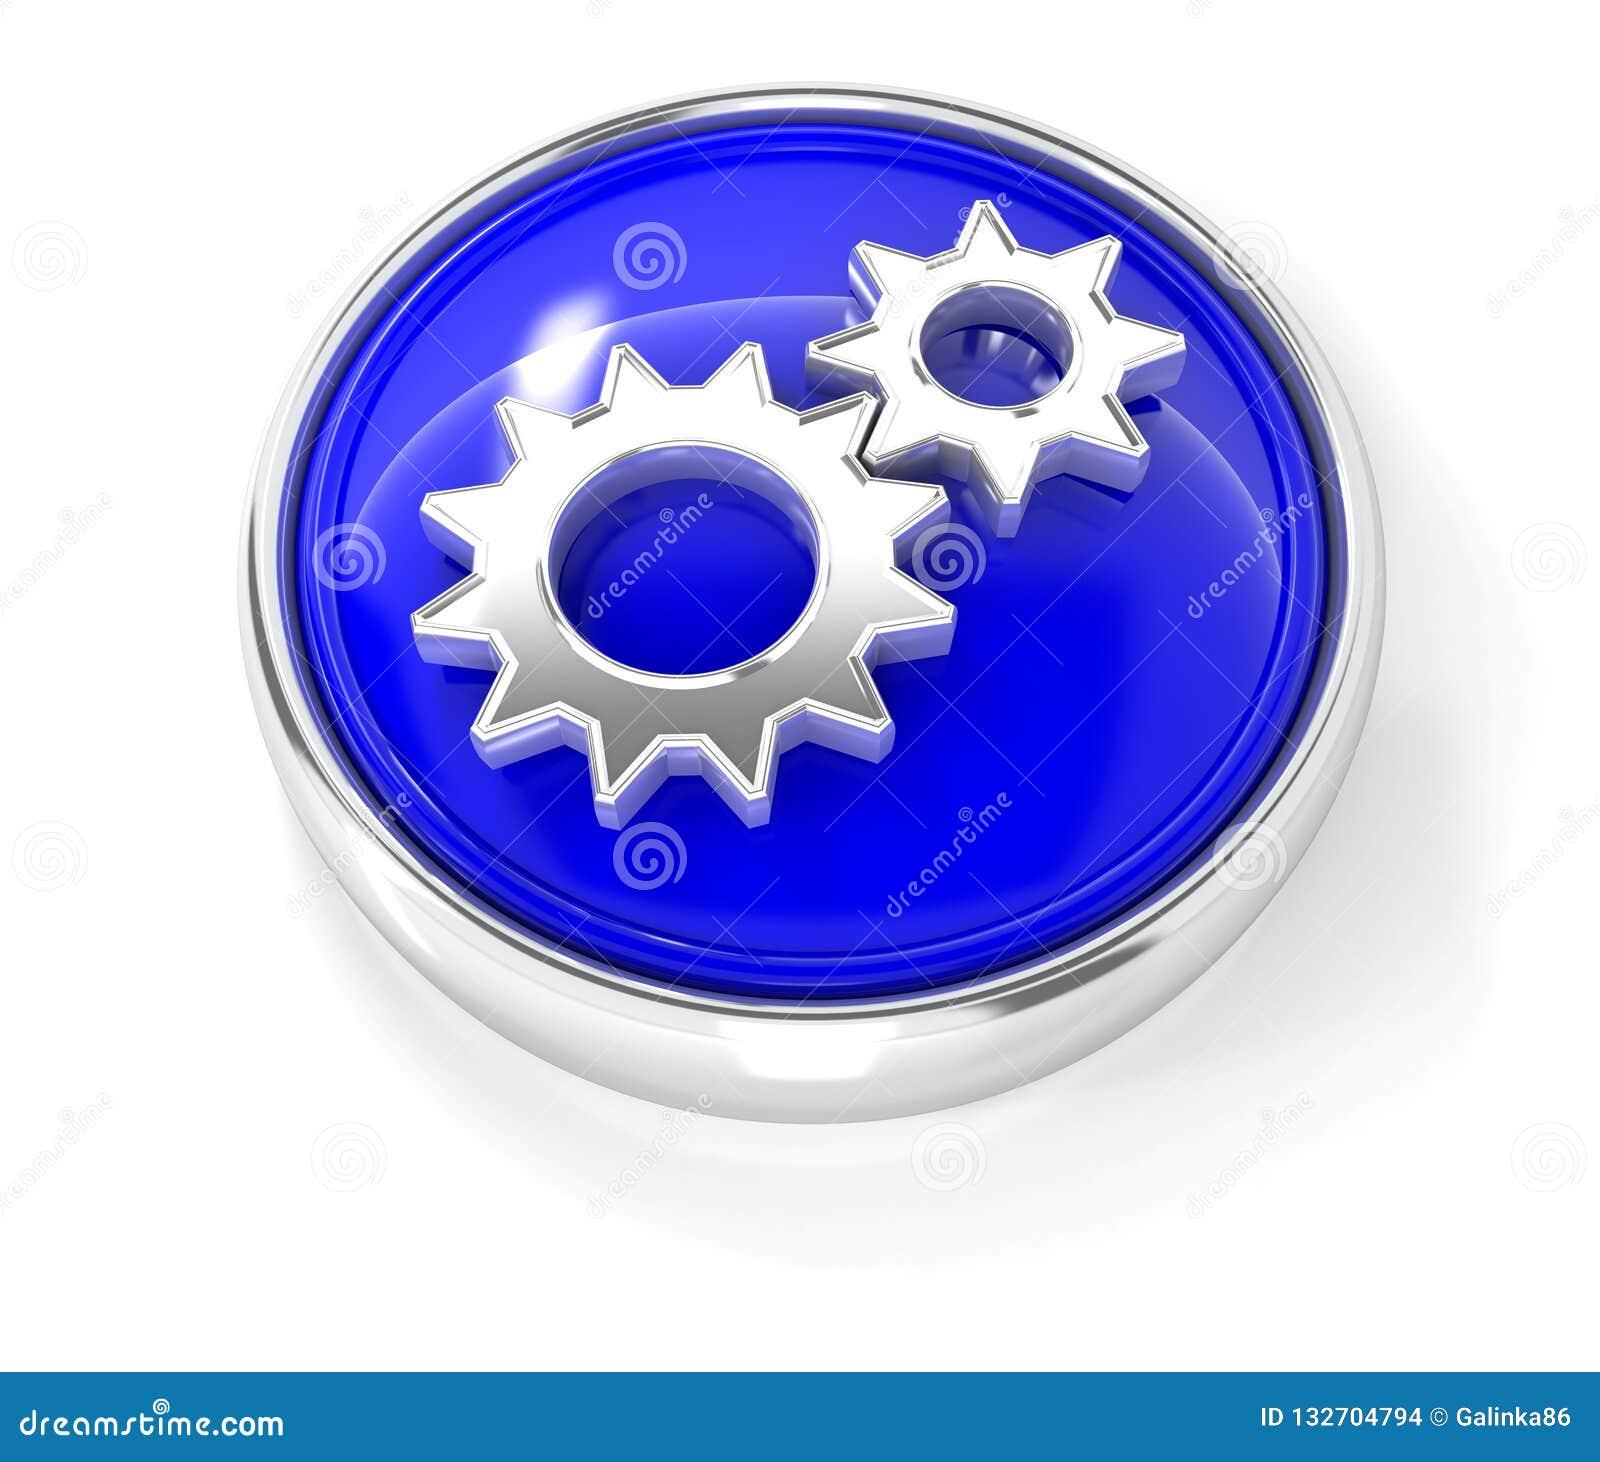 Зацепляет значок на лоснистой голубой круглой кнопке